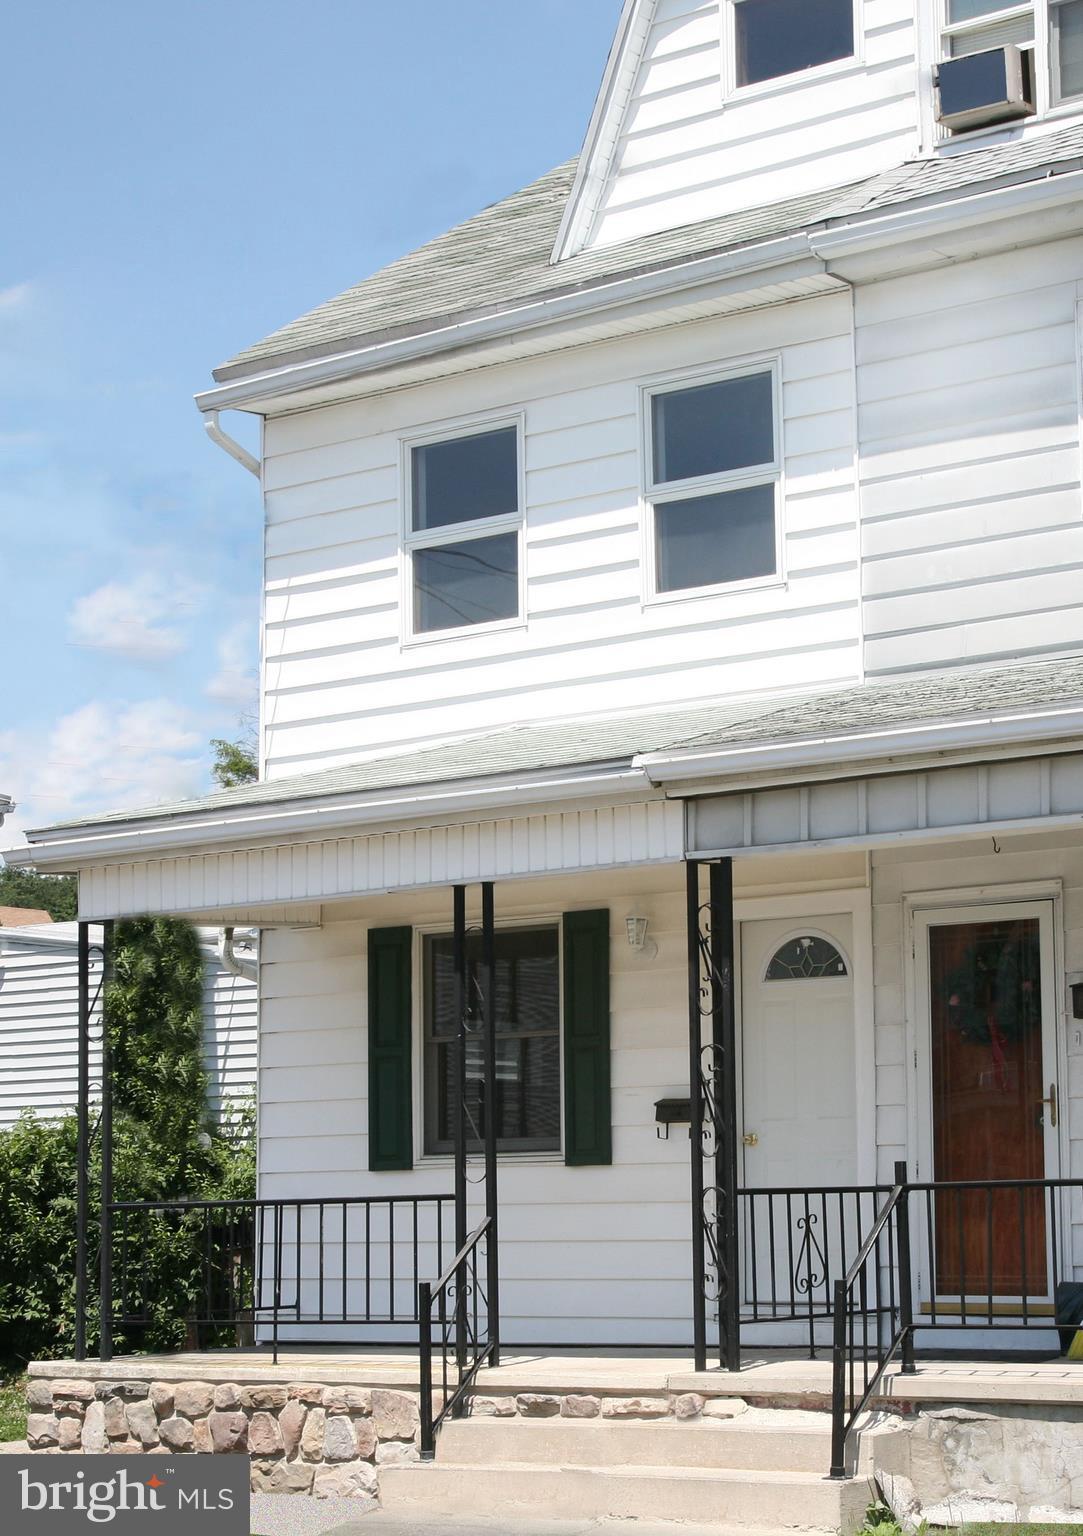 131 S WYLAM STREET, FRACKVILLE, PA 17931